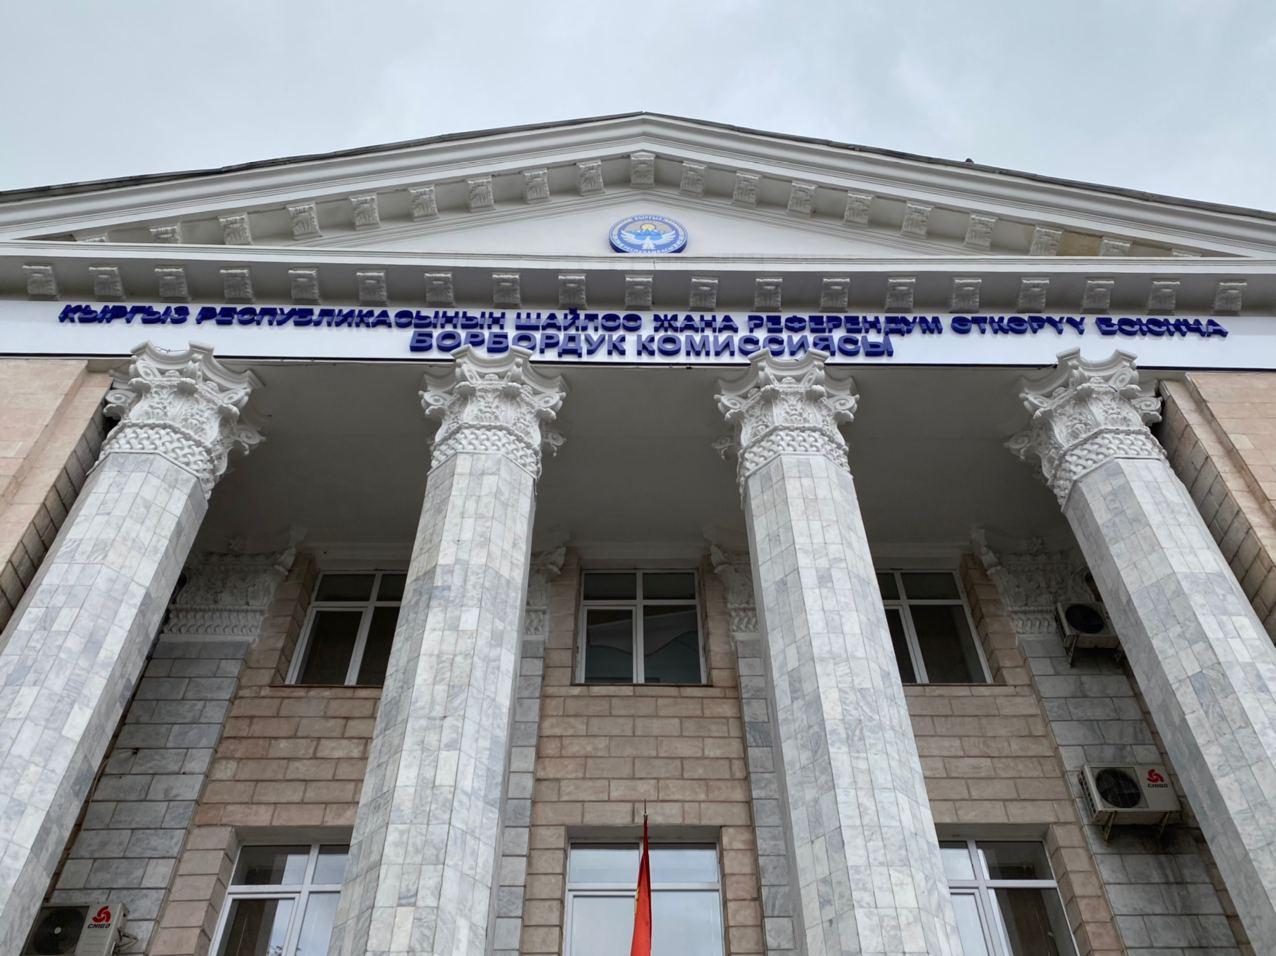 Нарушения на выборах. Как прошла встреча Бишкекской избирательной комиссии и представителей «Клоопа»